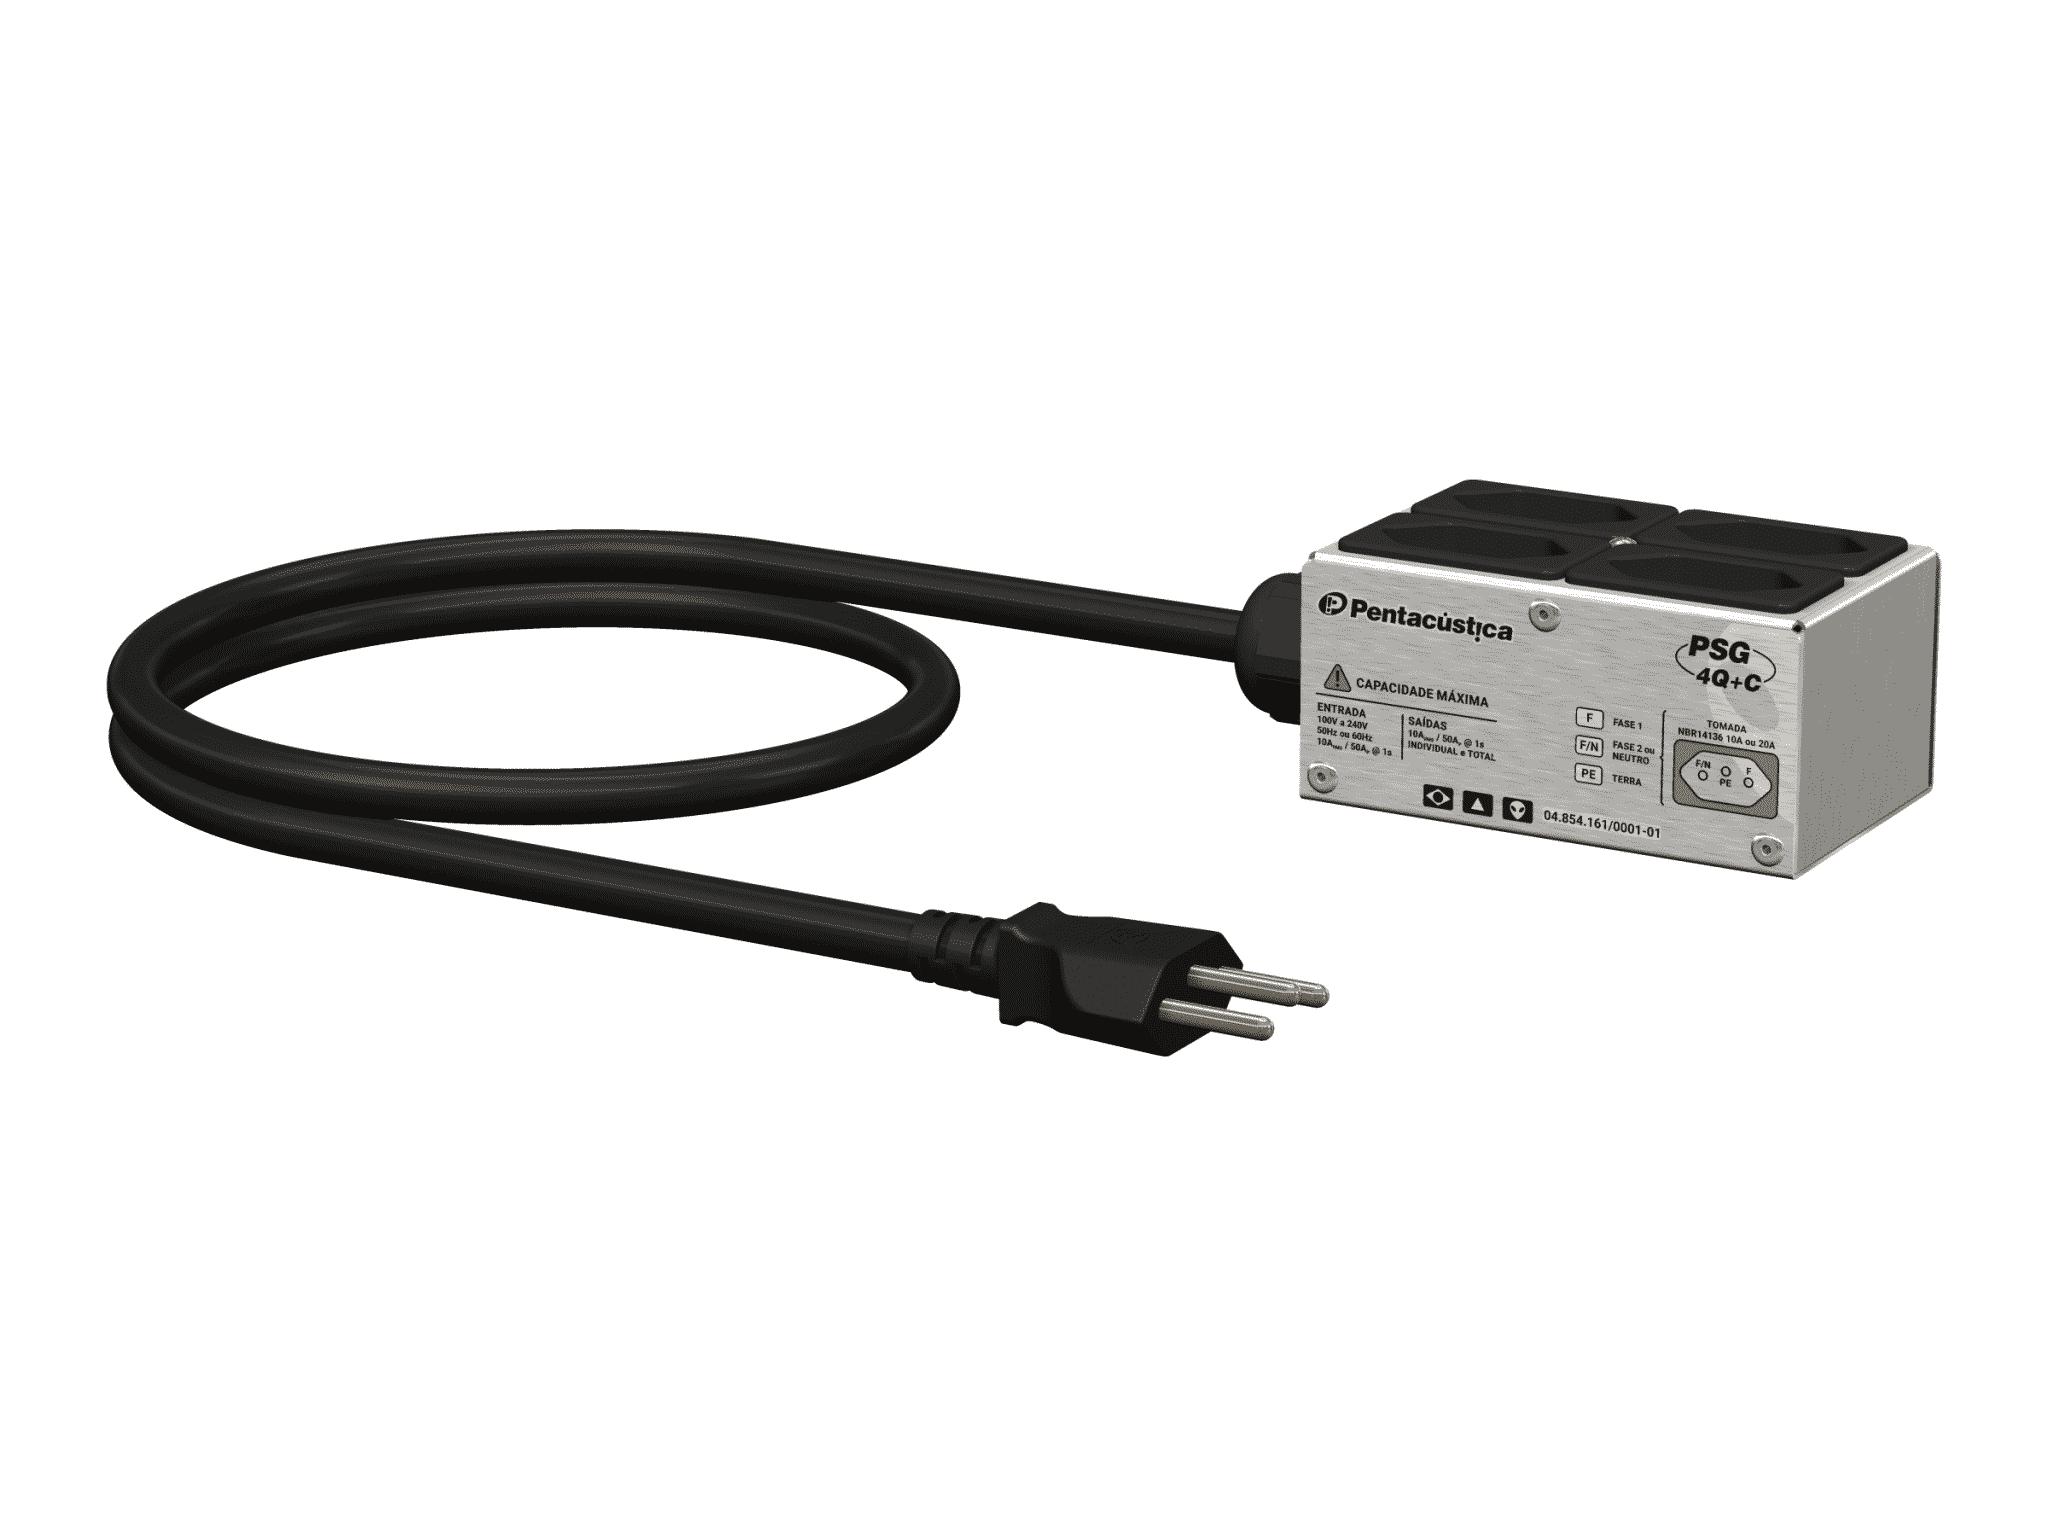 Régua de energia PSG-Q-4 com cabo de 5m